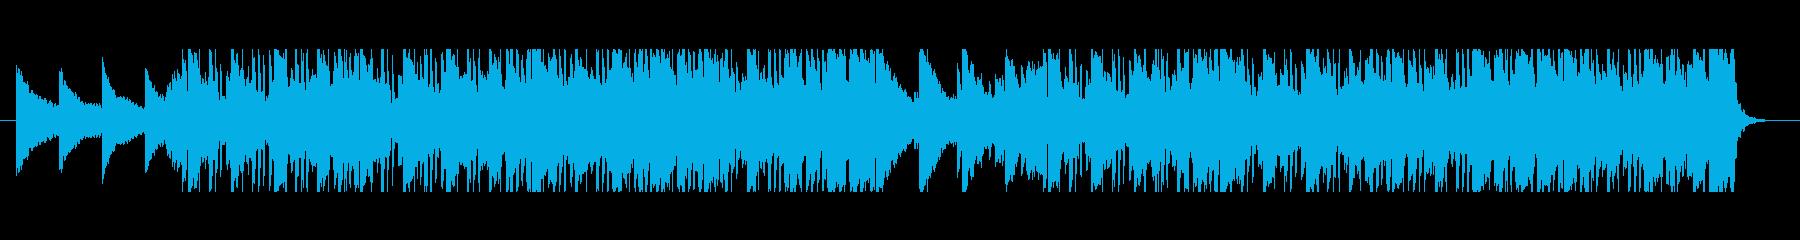 おしゃれなLo-Fi HipHopの再生済みの波形